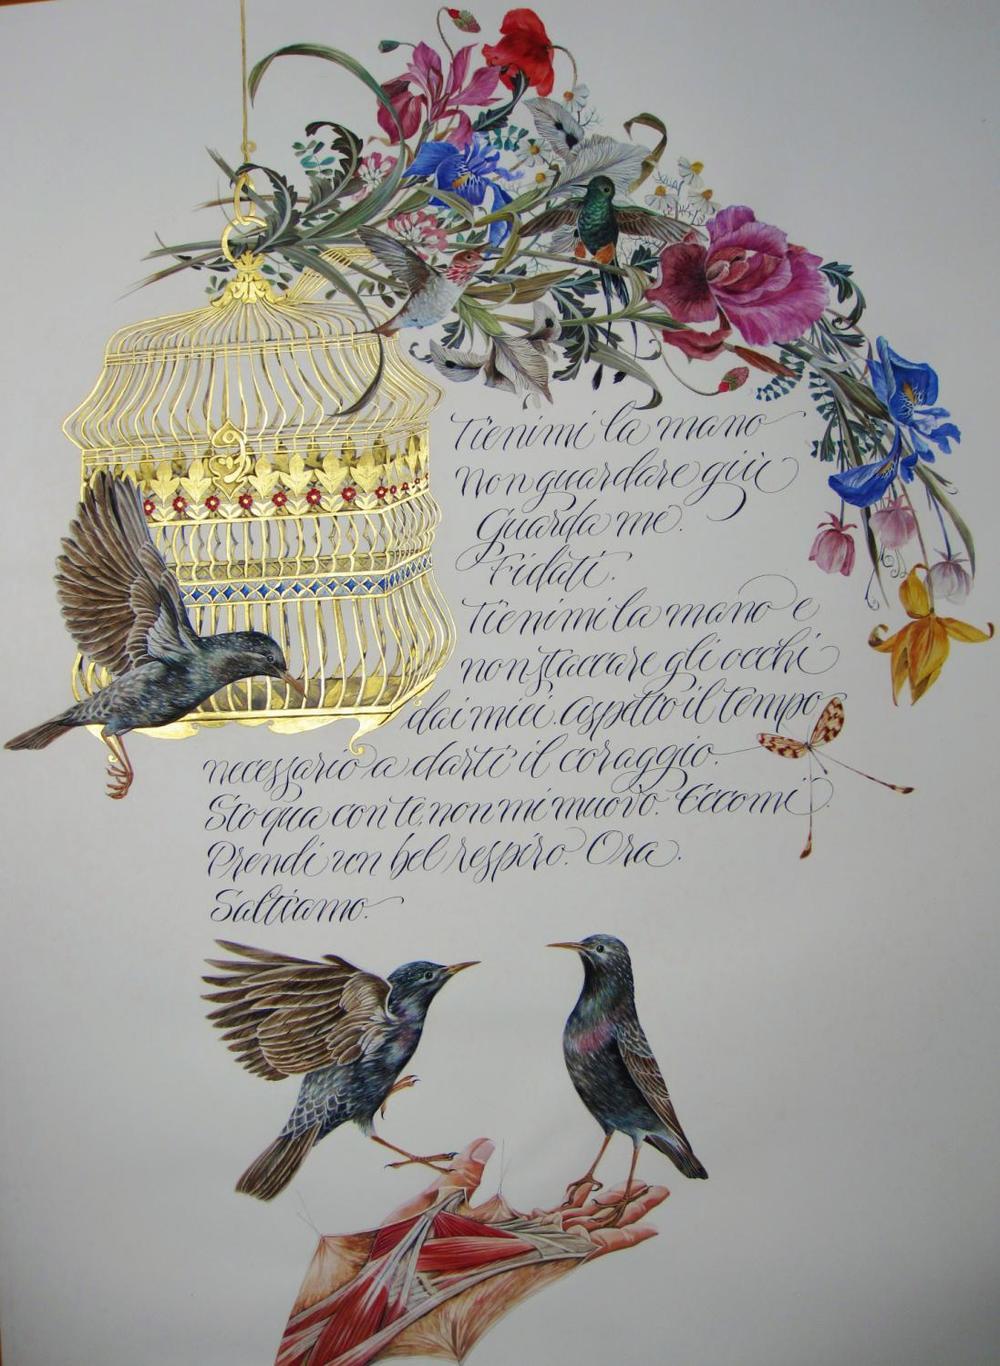 poesia gabbia d oro.jpg